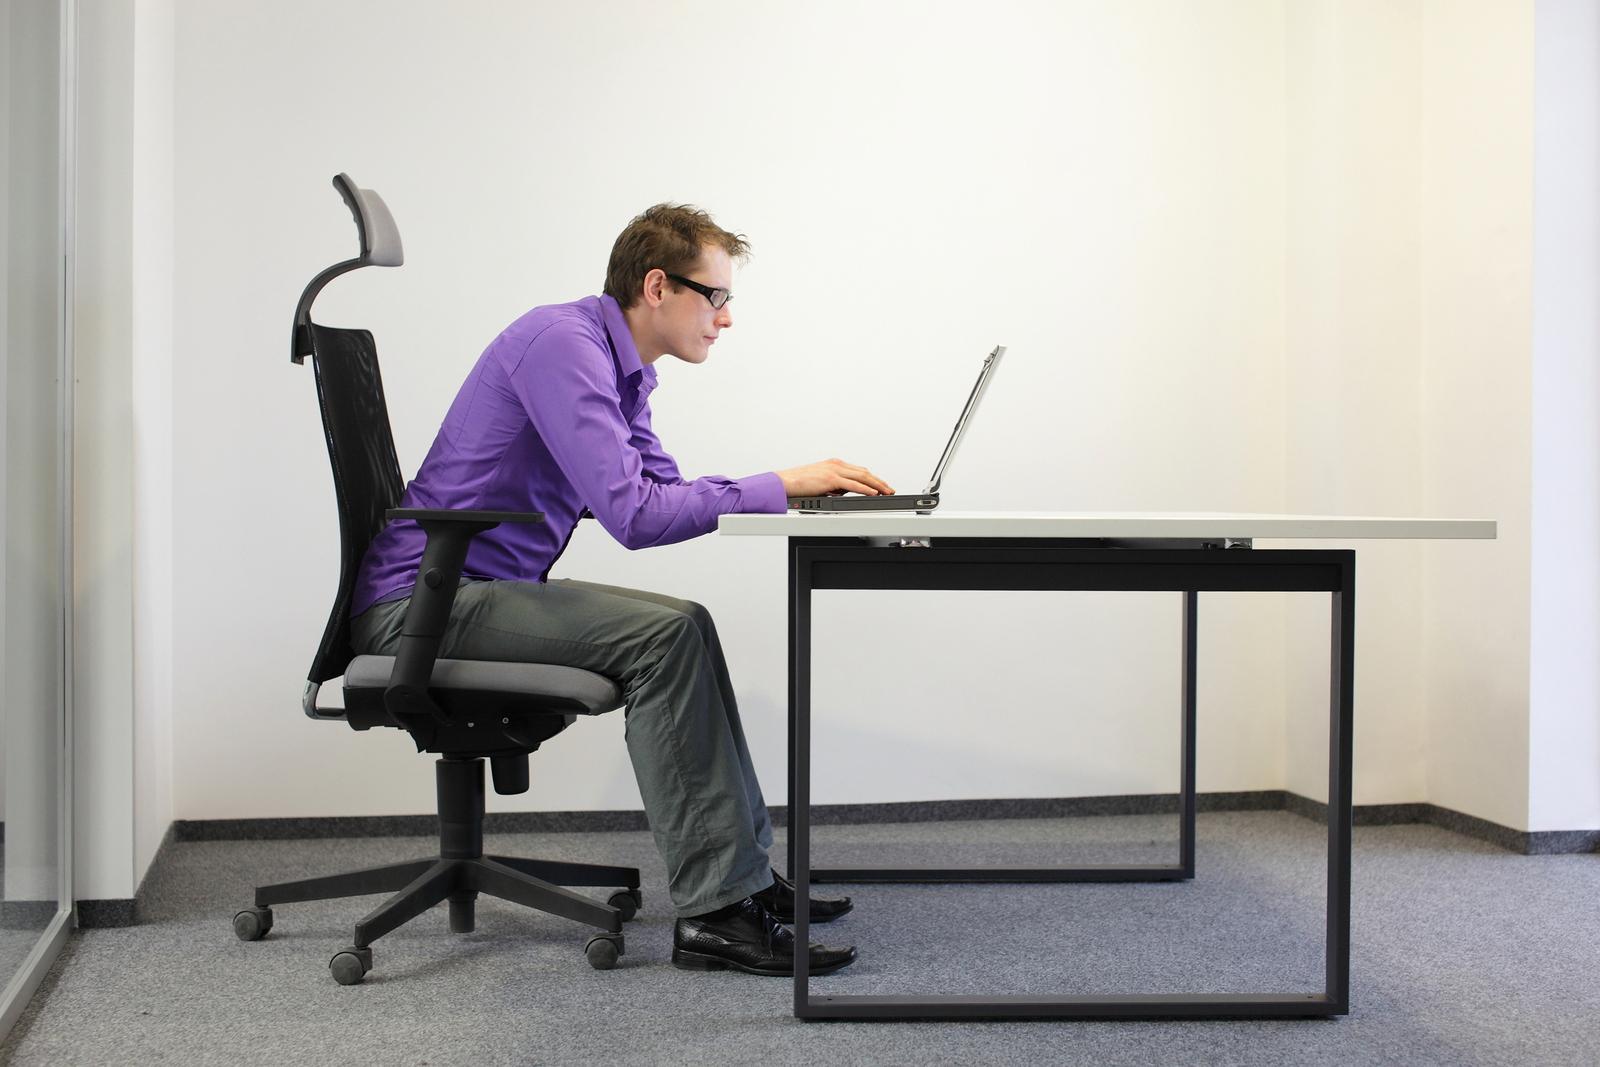 Прикольные картинки человек на стуле